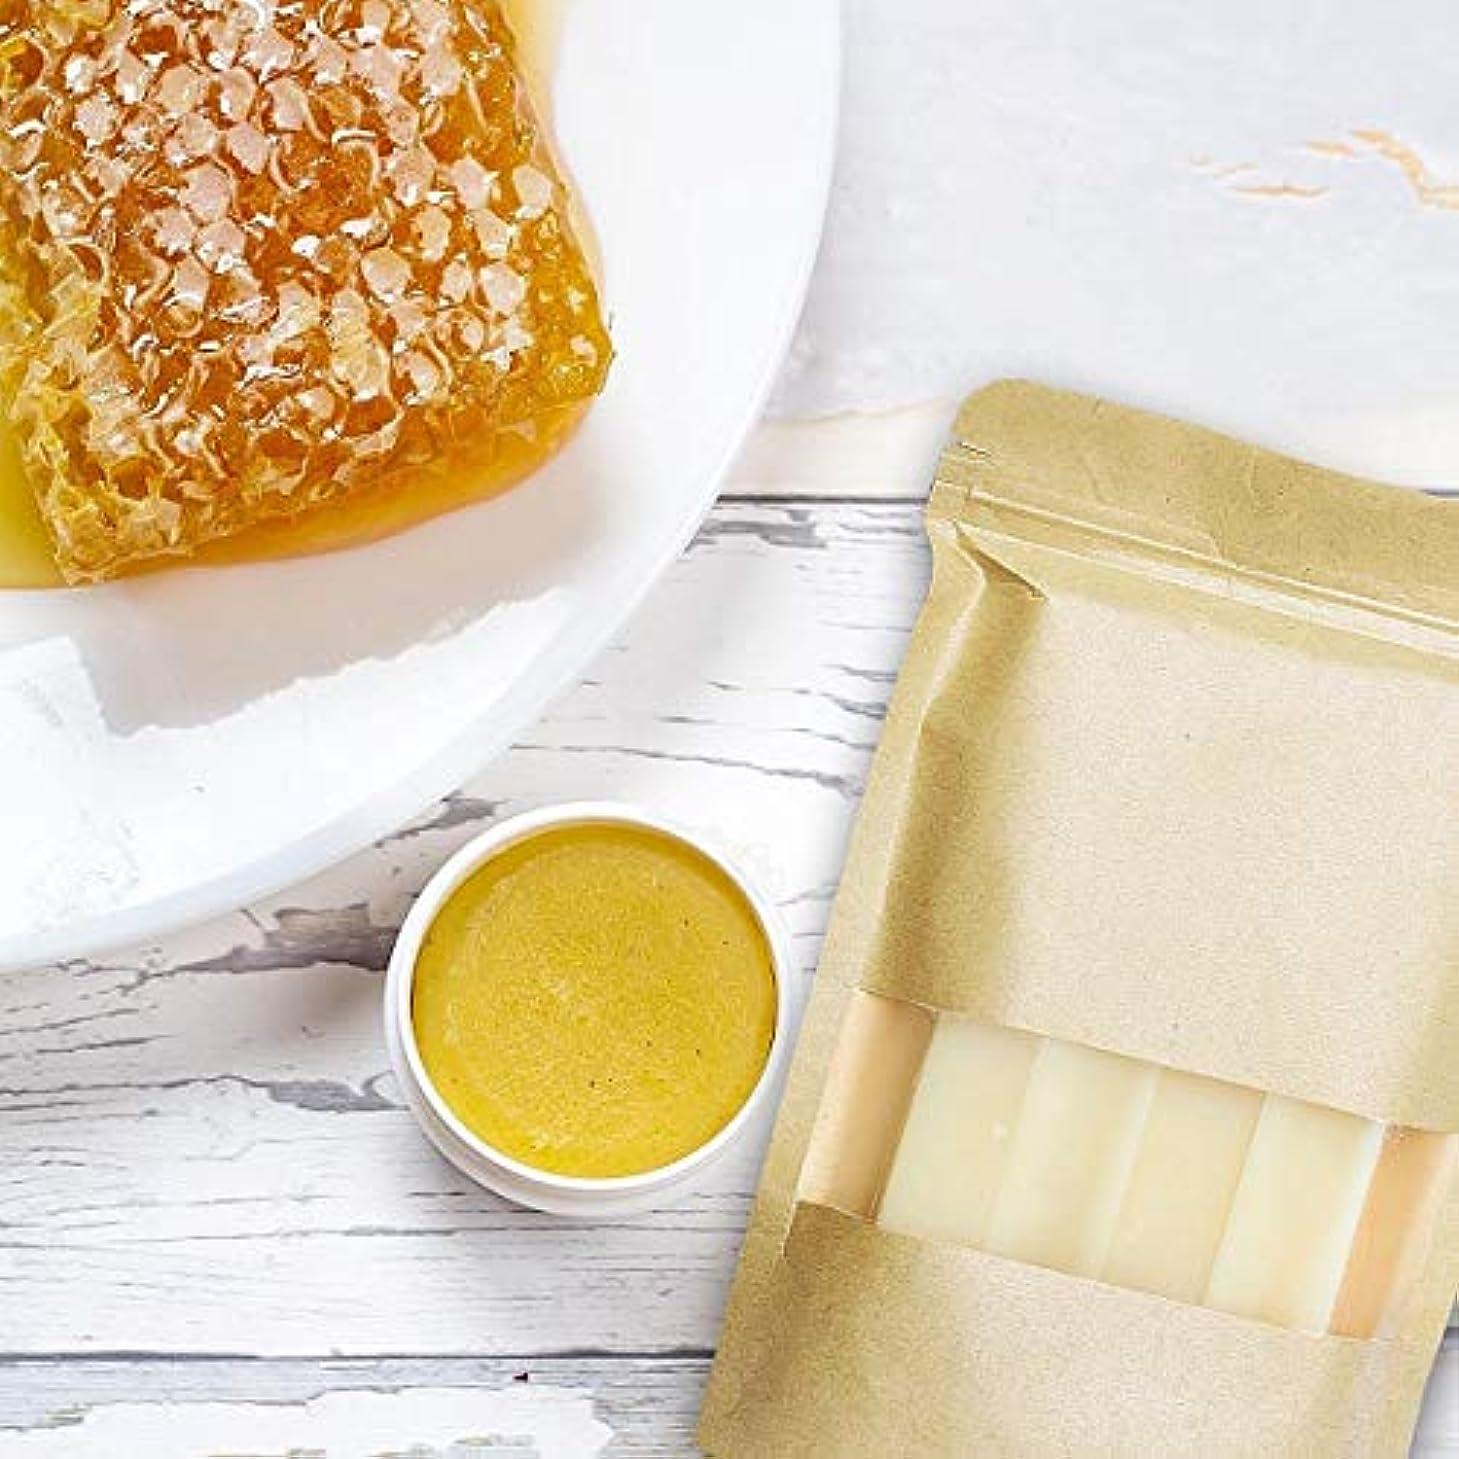 自分を引き上げる初期かわすLucy Day 自然食品グレードホワイト蜜蝋ワックスブロック